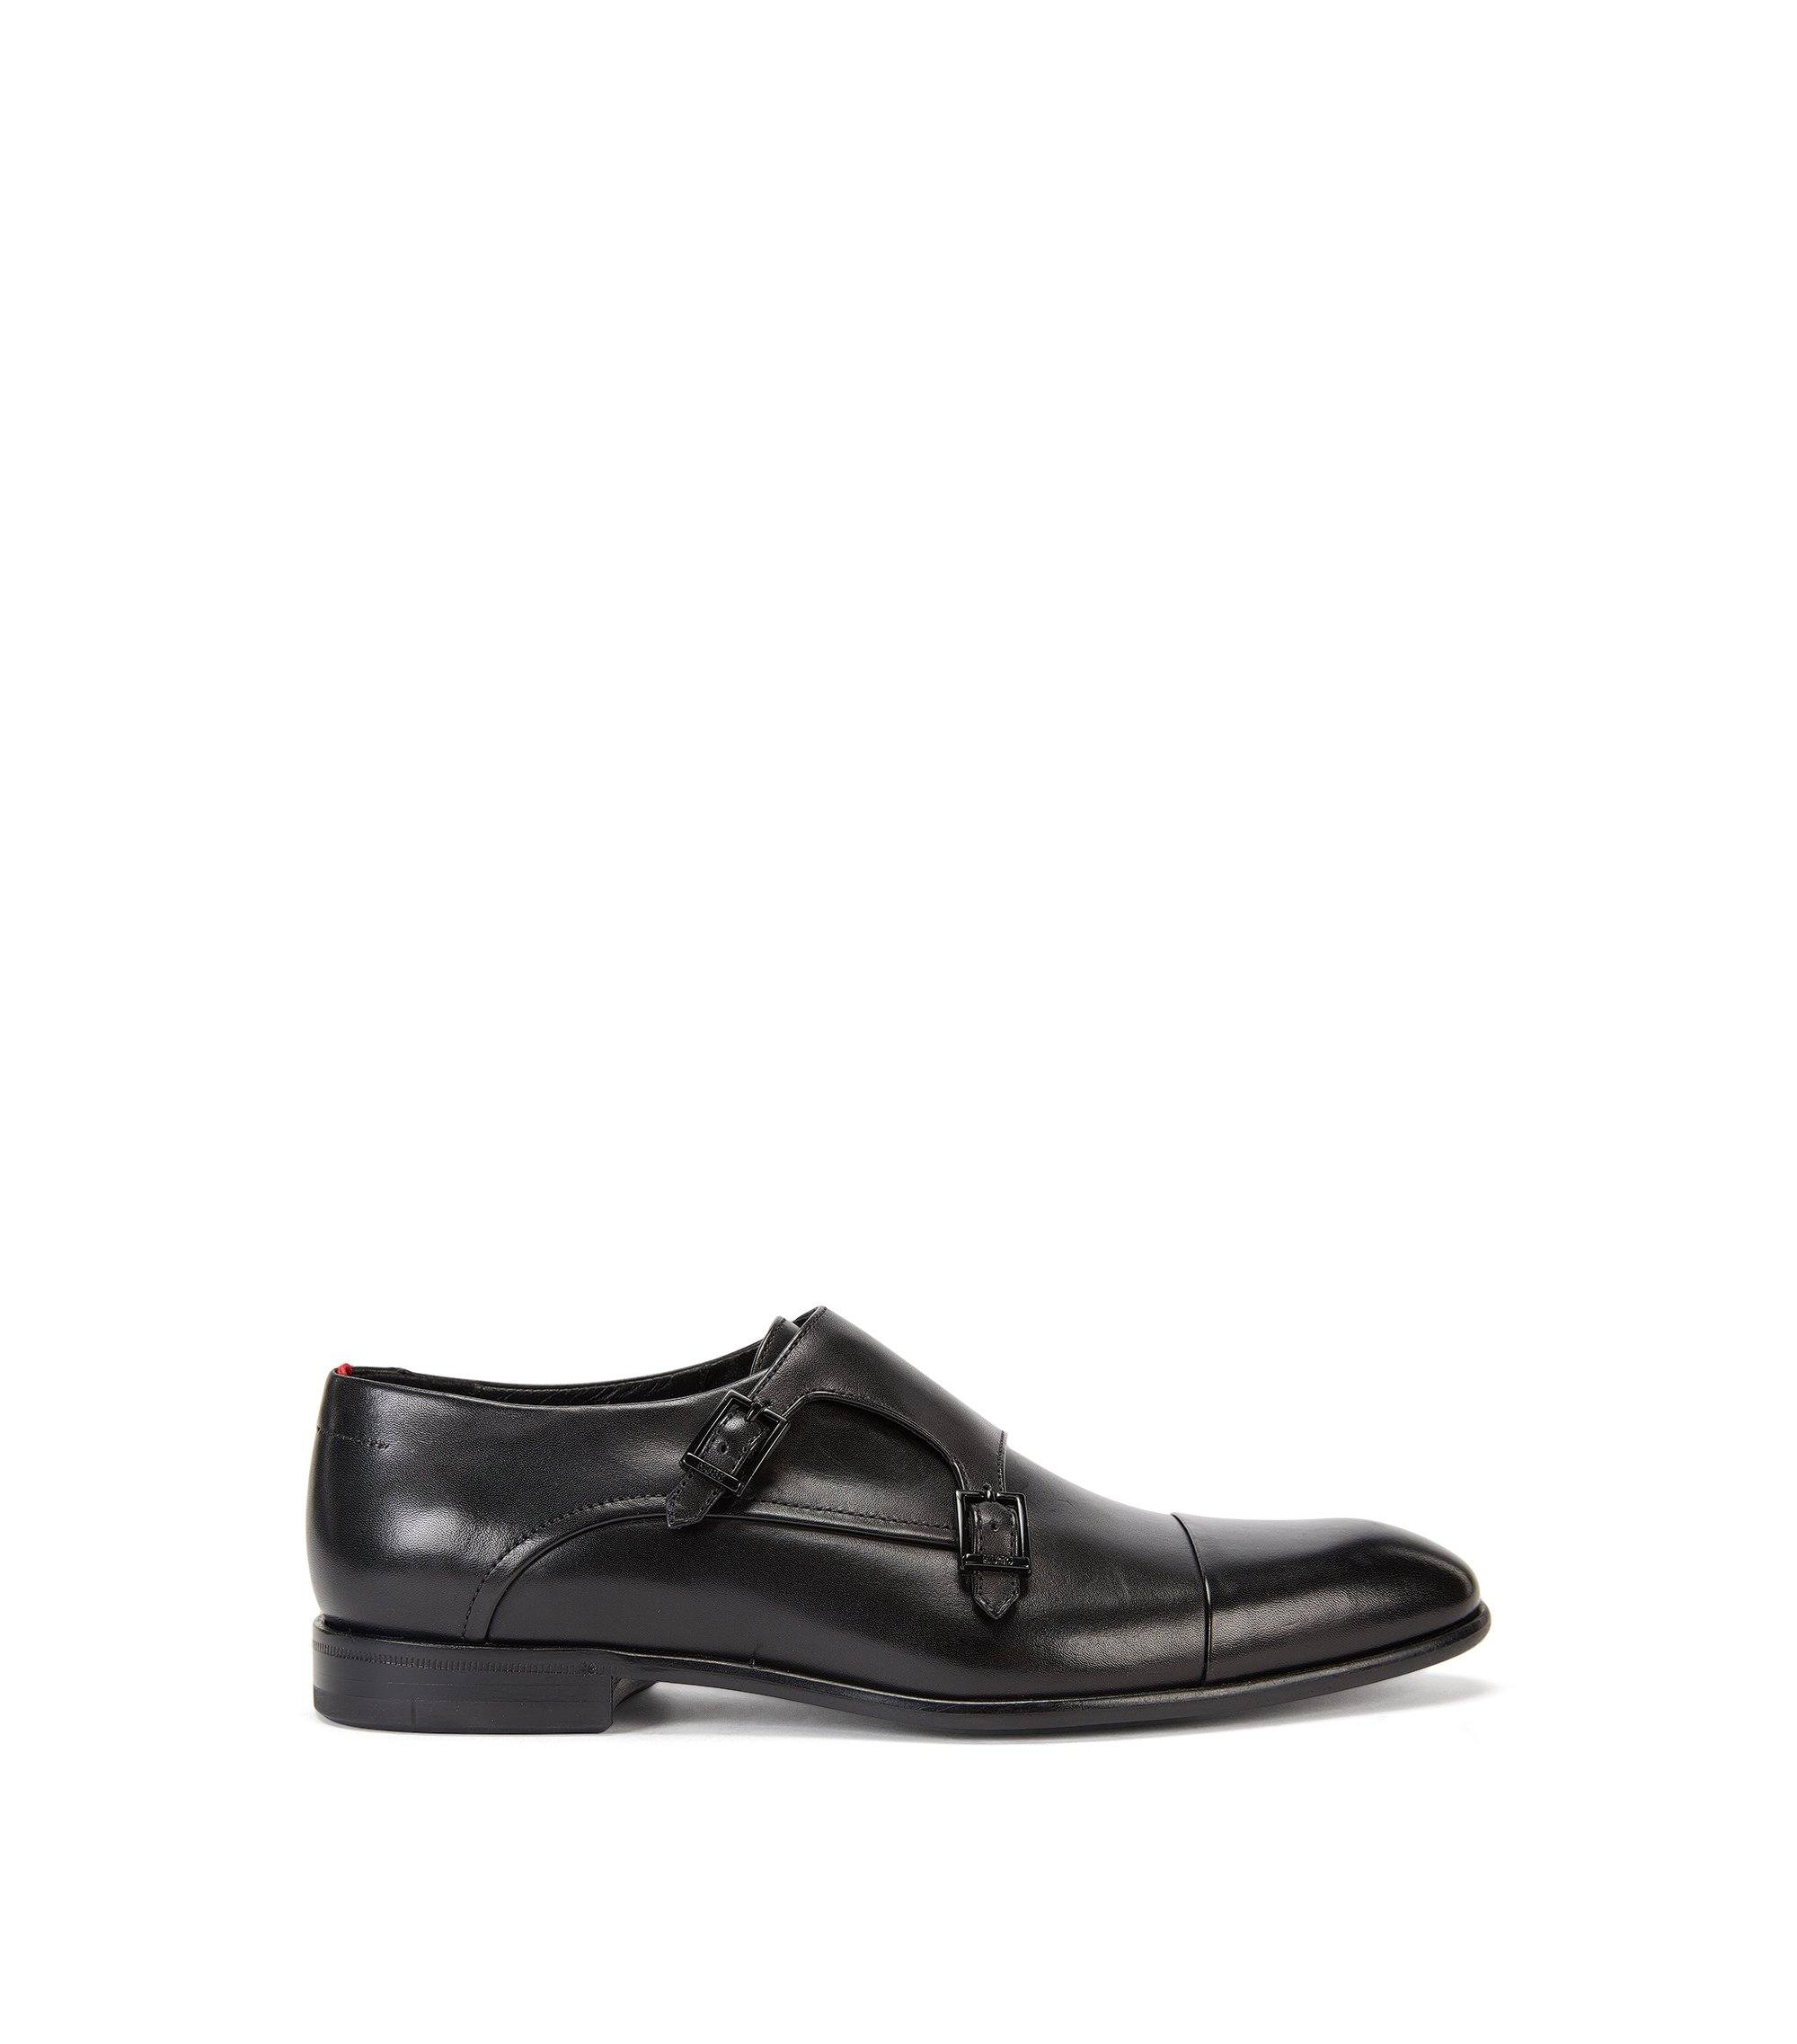 Chaussures à double boucle en cuir vieilli, Noir